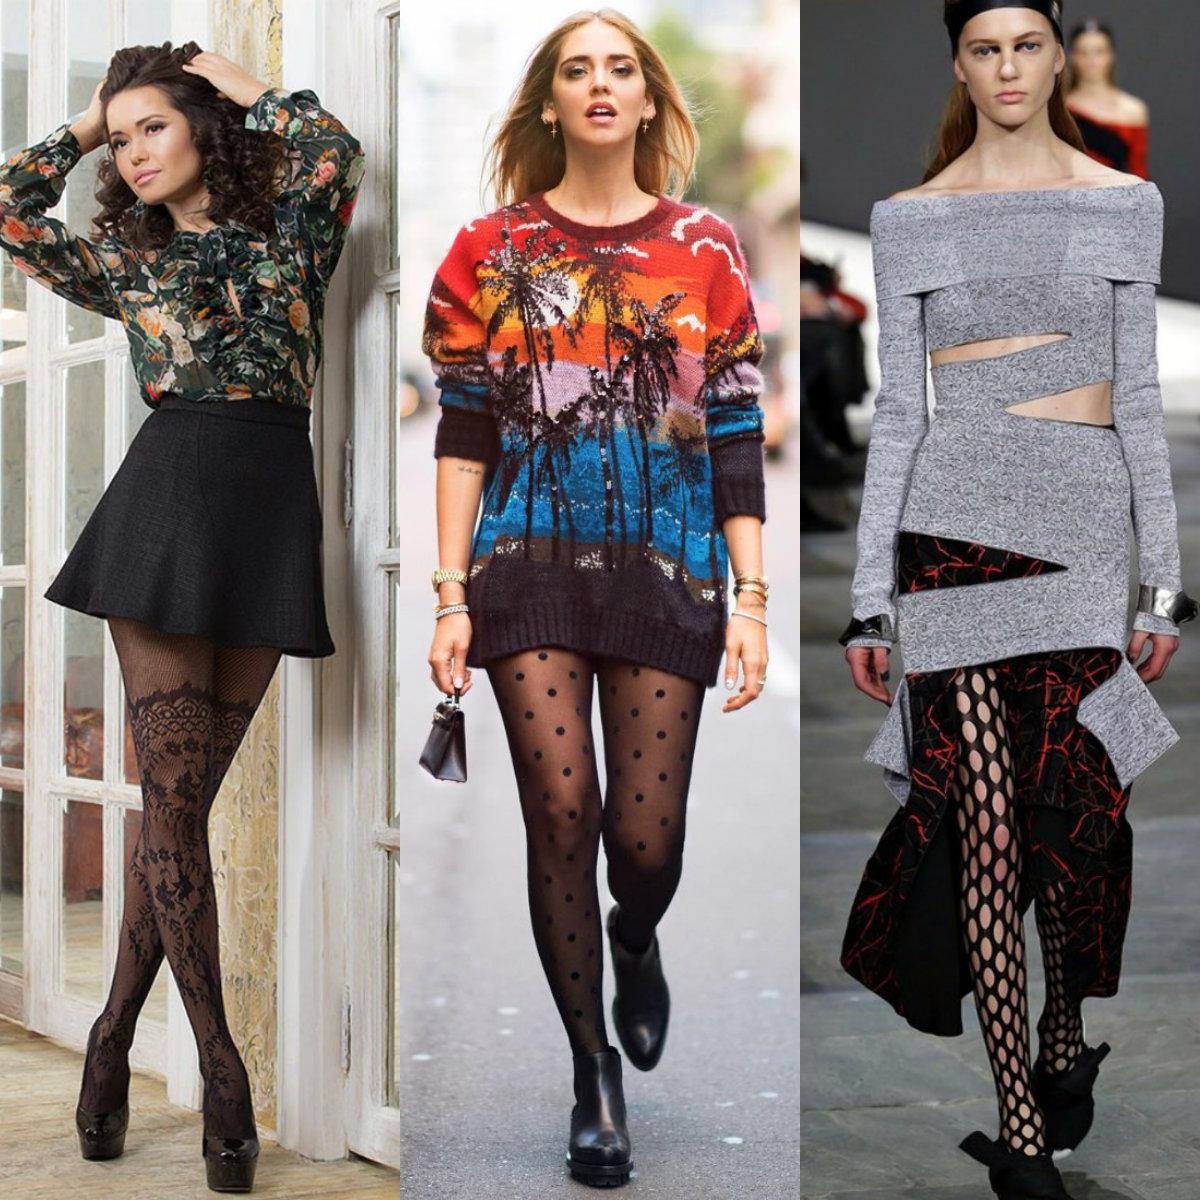 женская мода 2018 : чулки и колготы